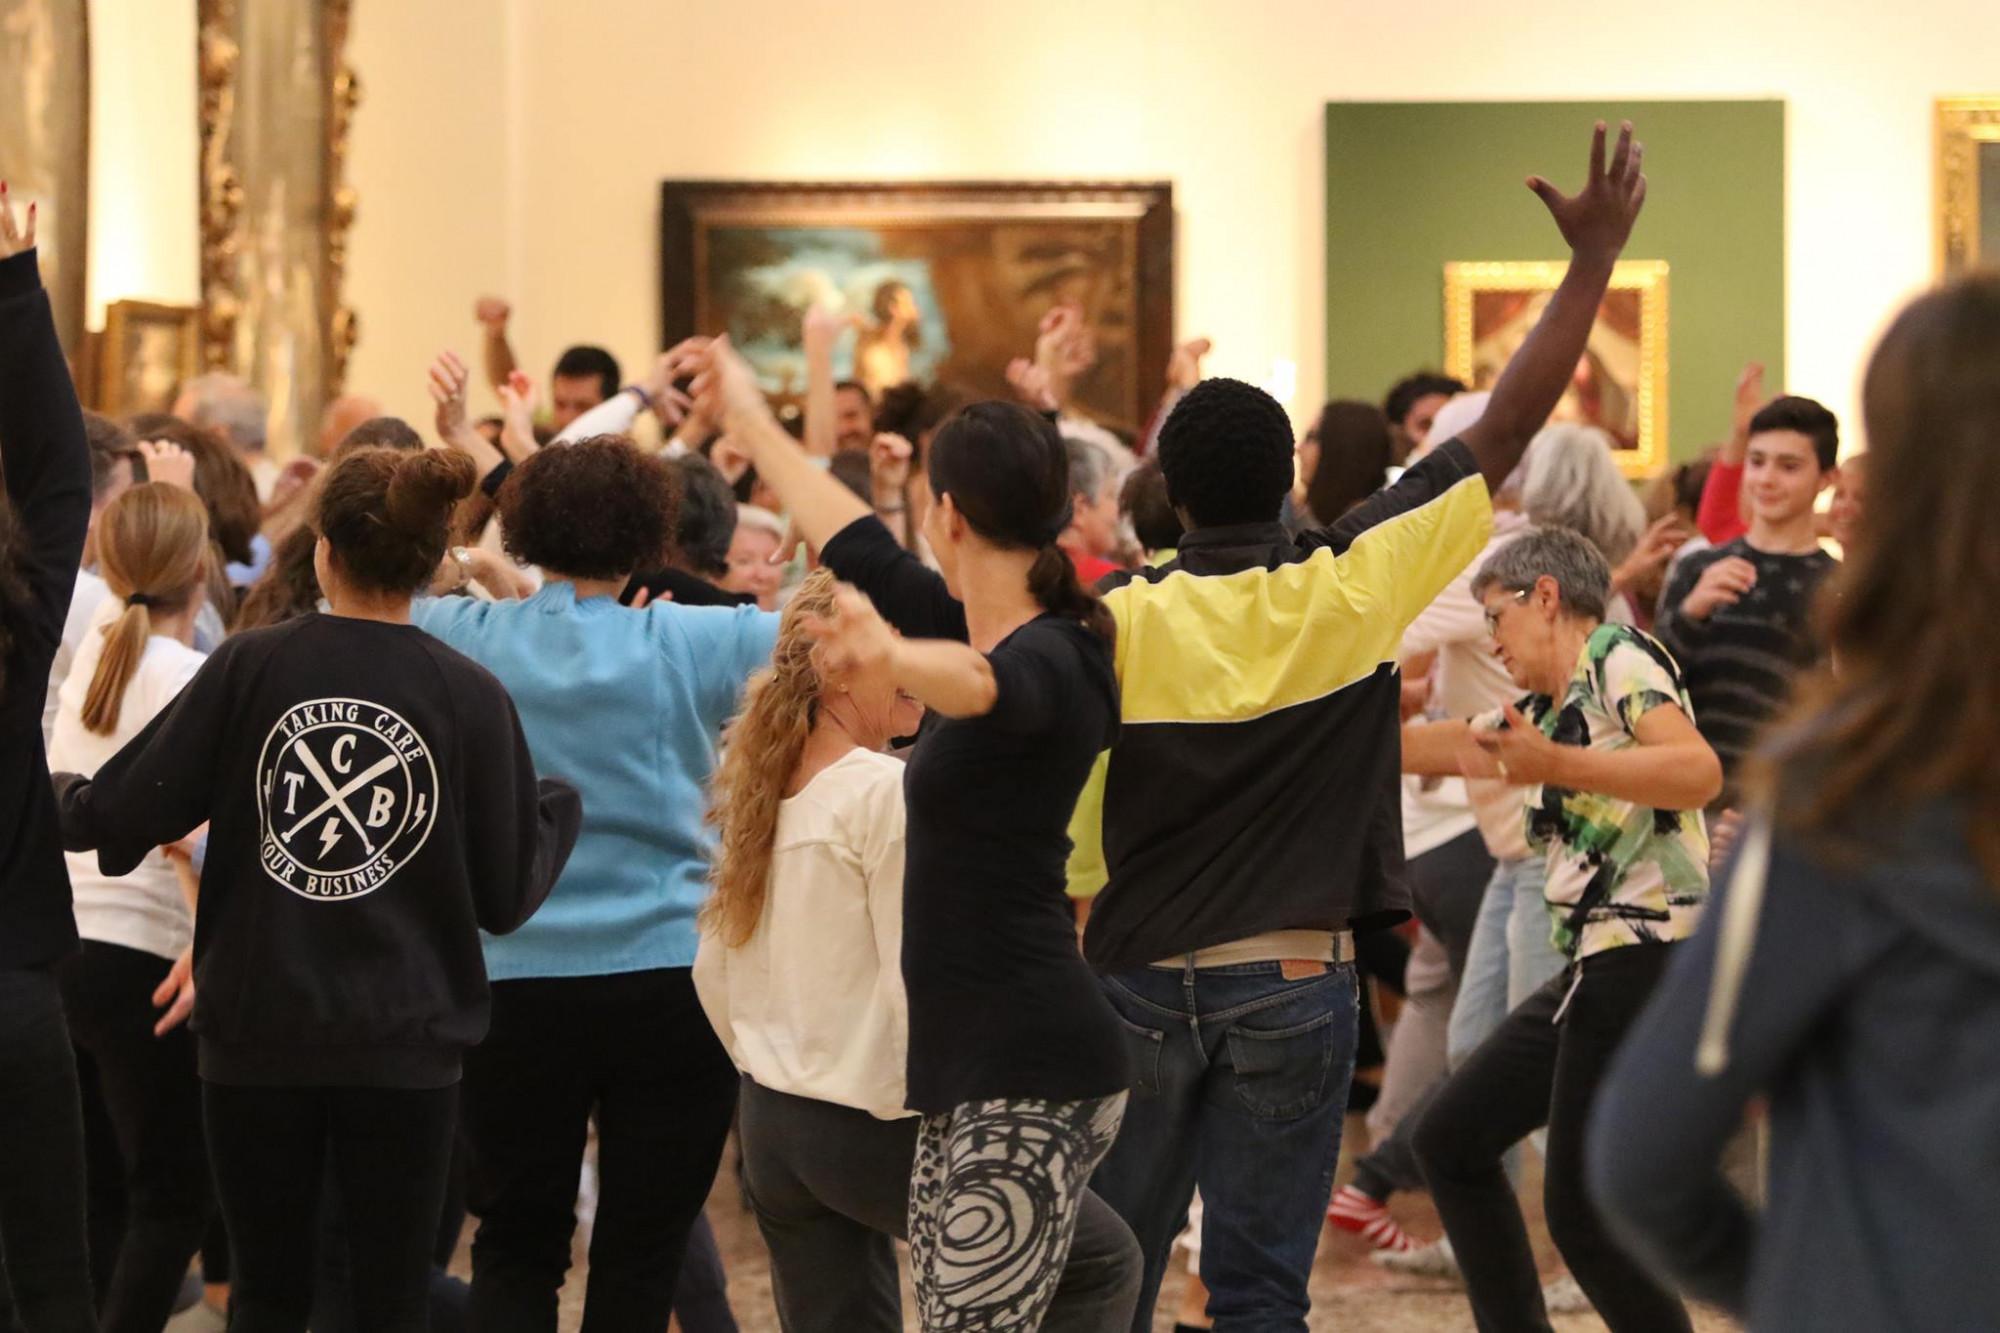 """RECANATI: AL VIA IL PROGETTO REGIONALE """"DANCE WELL"""" ASSEGNATE LE 10 BORSE DI STUDIO A COREOGRAFI E DANZATORI MARCHIGIANI IMPEGNATI NEL CORSO DI FORMAZIONE CON ARTISTI GIAPPONESI E DI HONG KONG"""